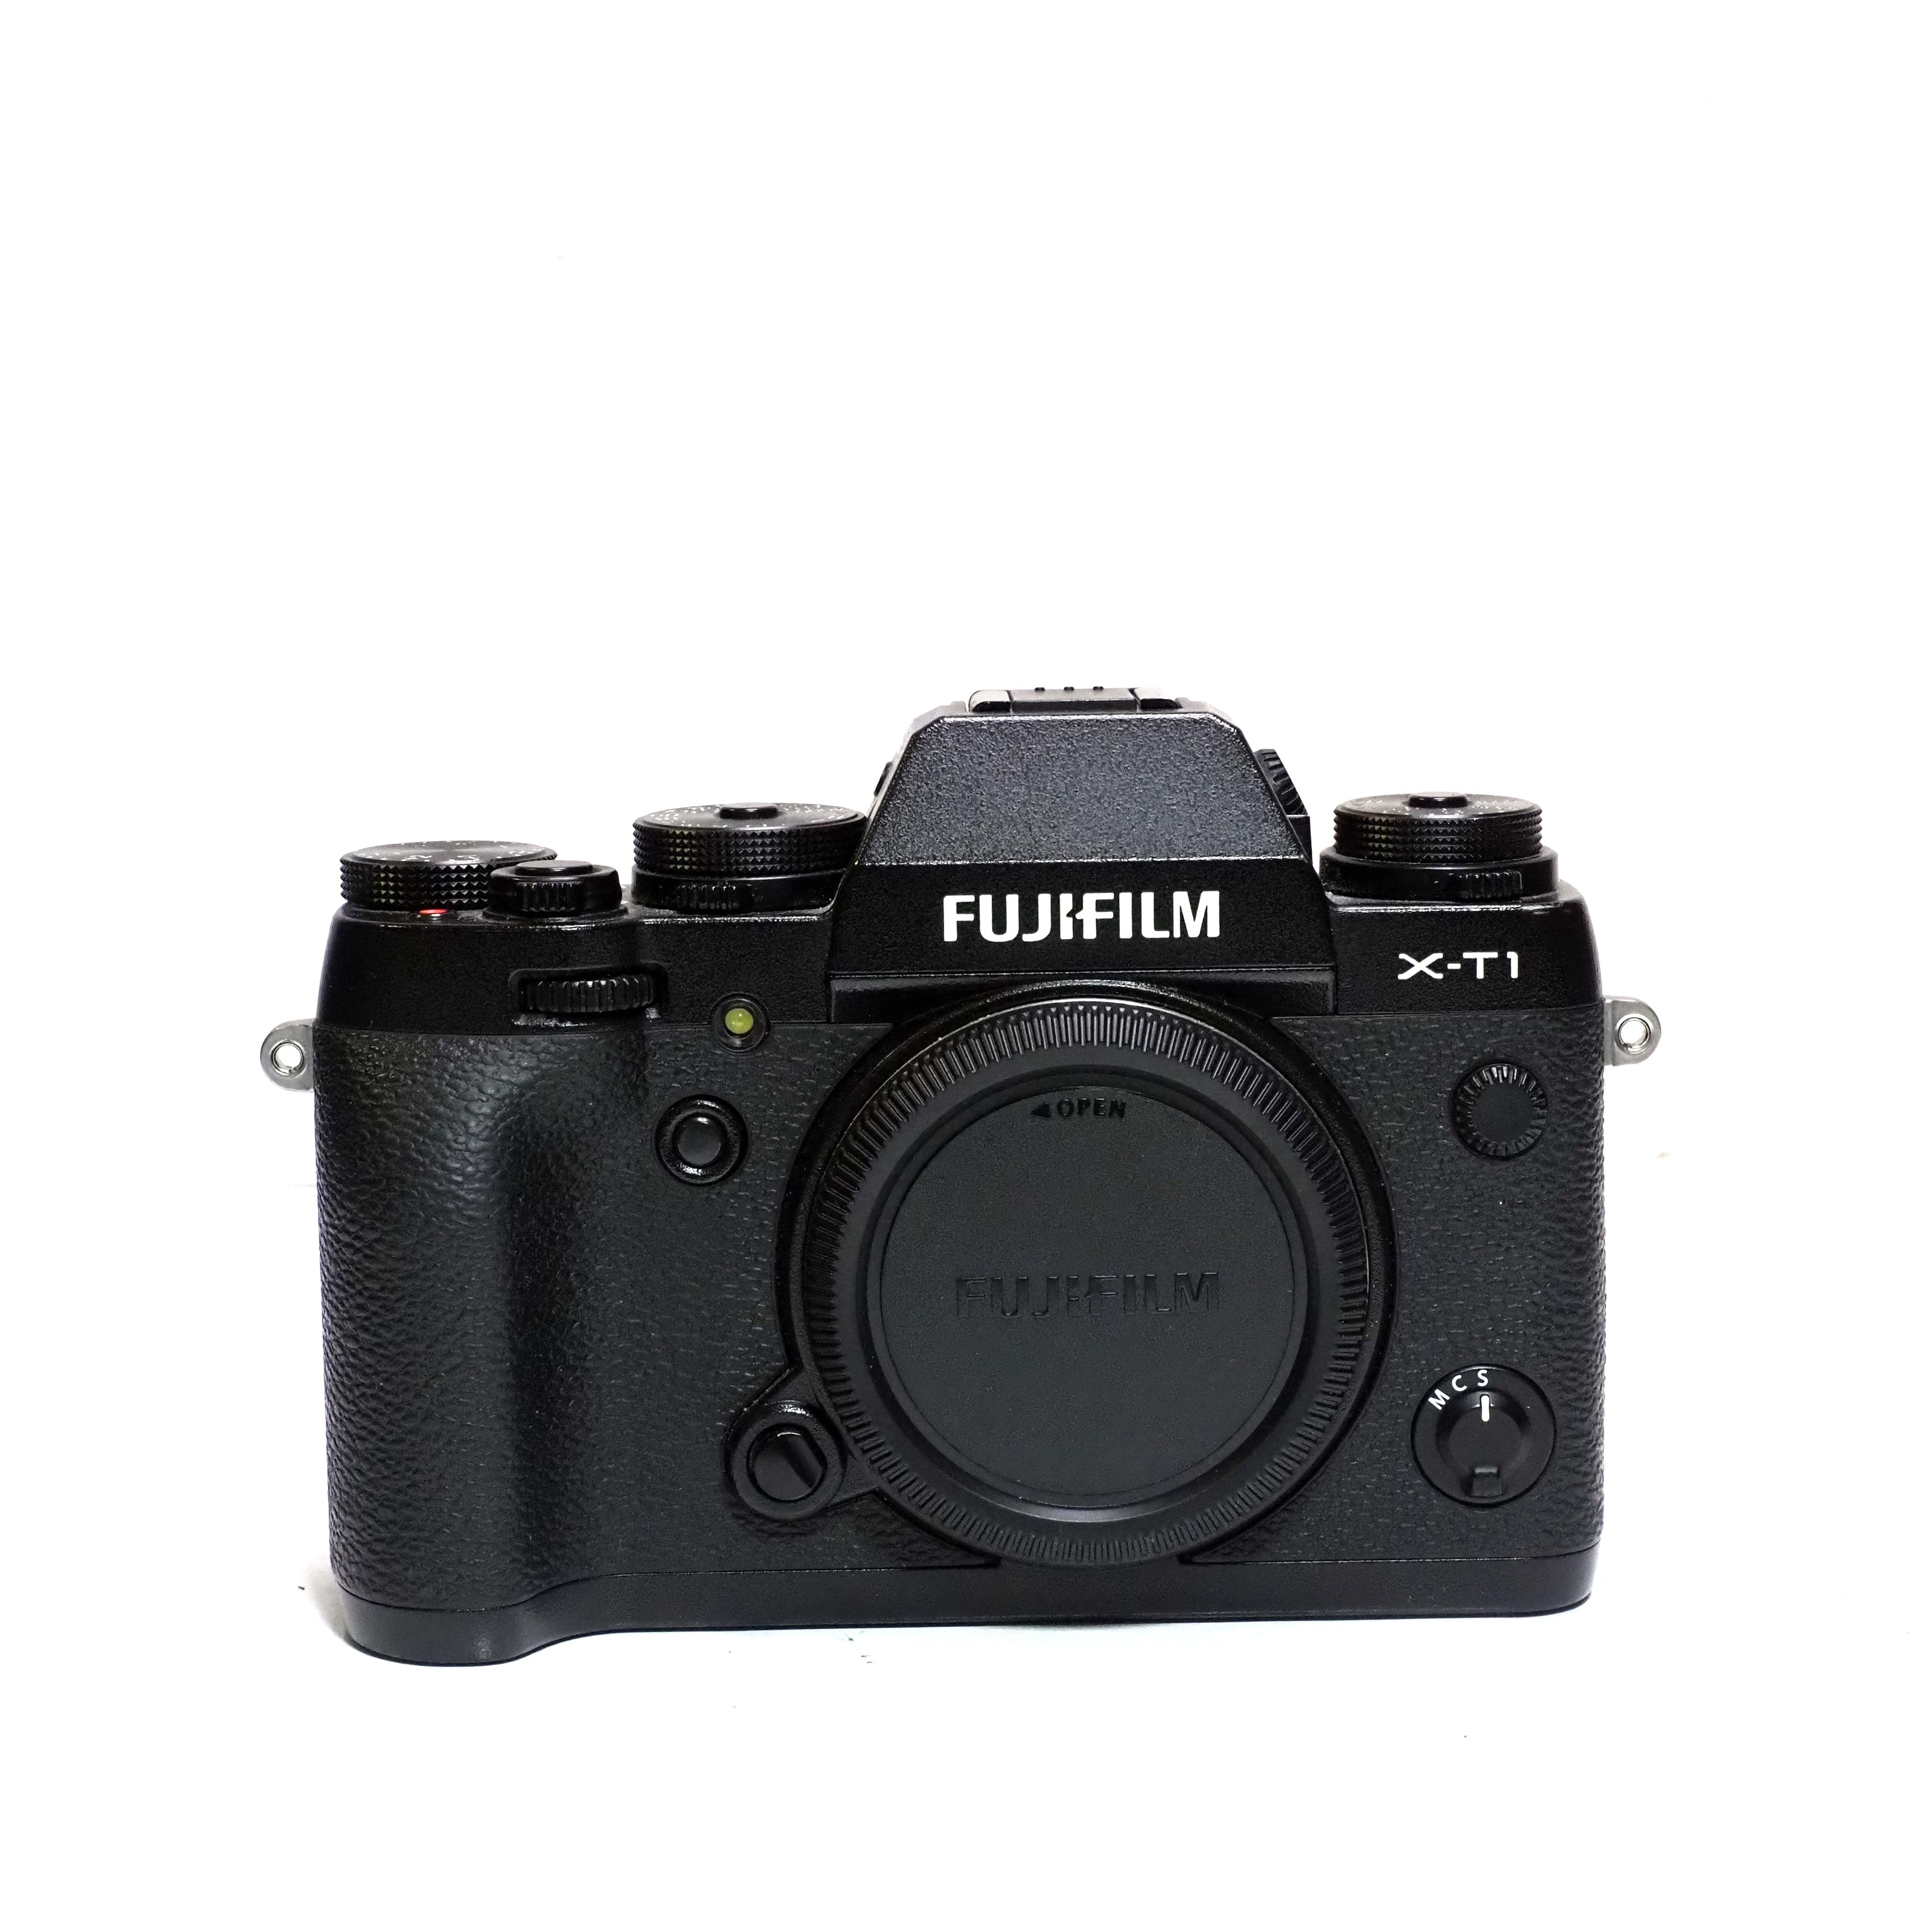 Fujifilm X-T1 kamerahus- BEGAGNAT